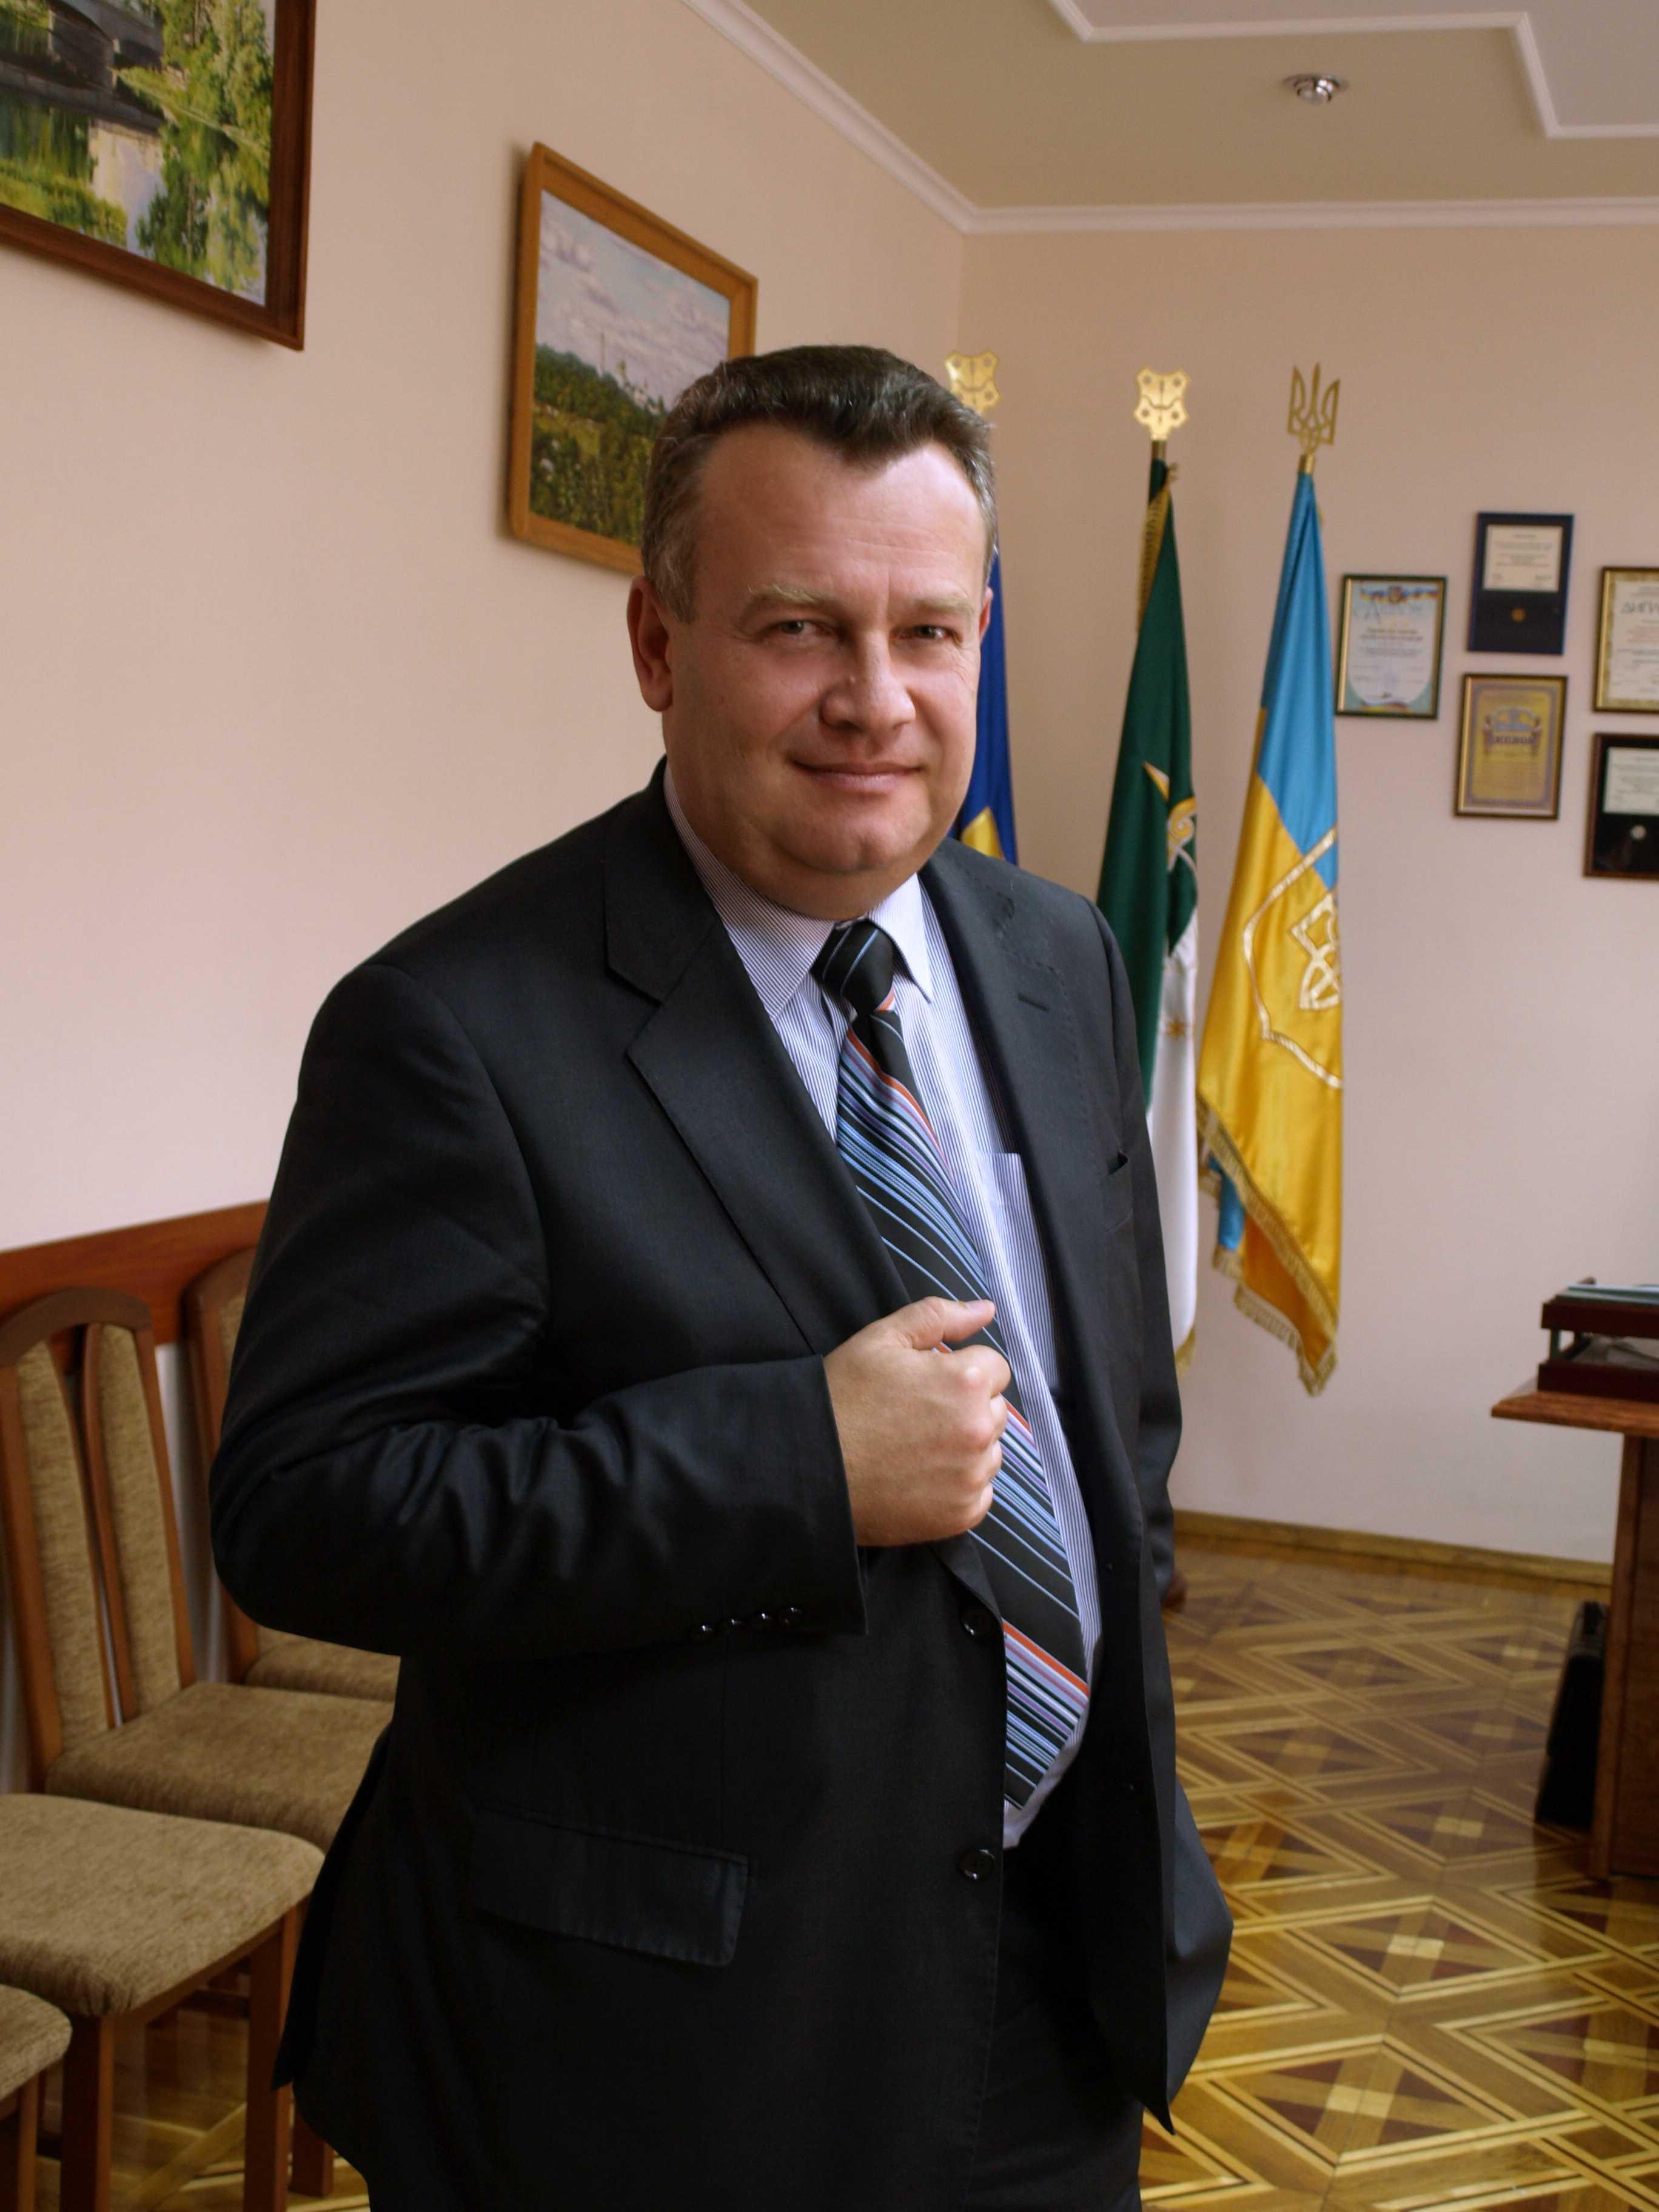 Ждан Вячеслав Николаевич